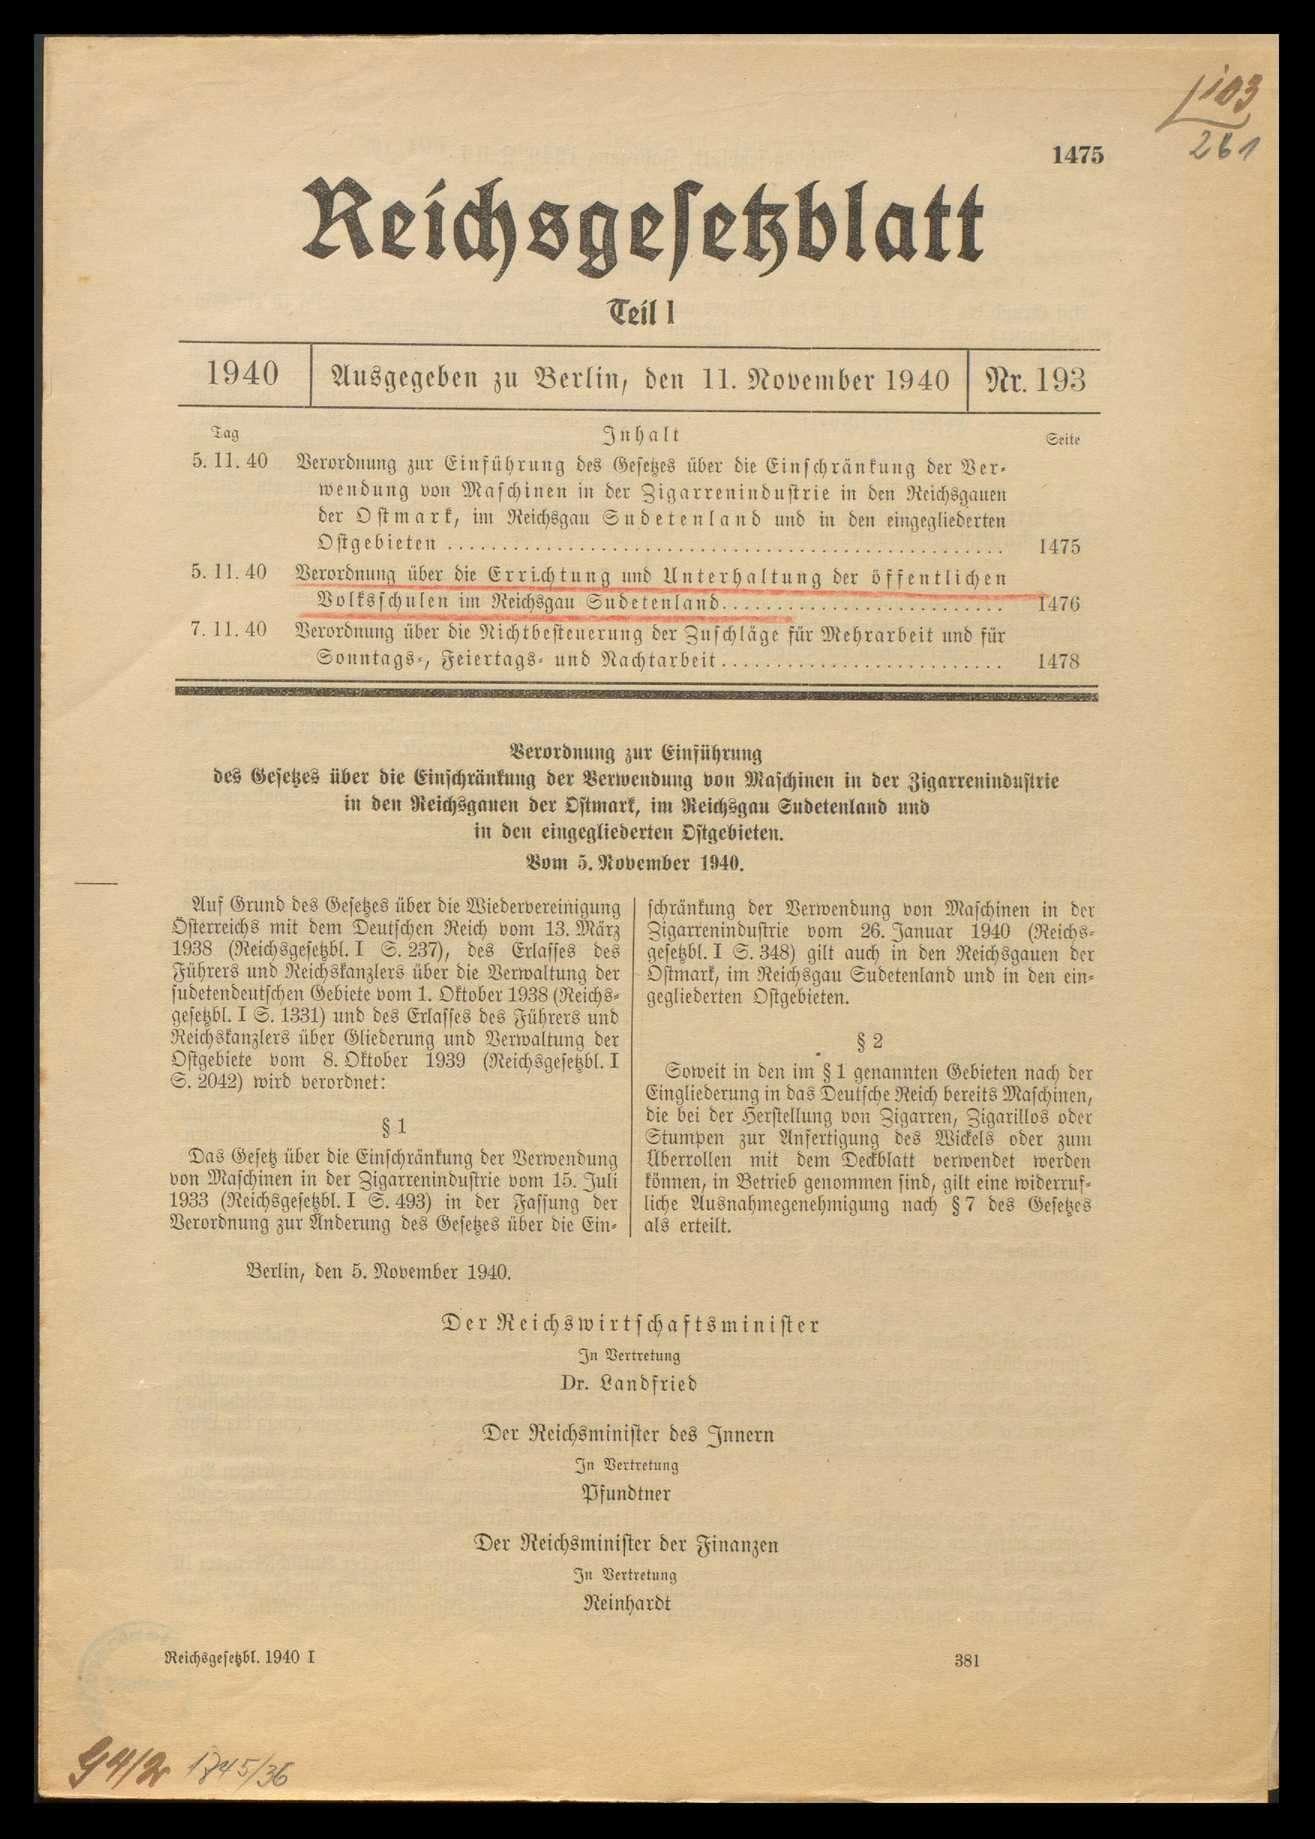 Abänderung von gesetzlichen Bestimmungen über das Volksschulwesen, Bild 3